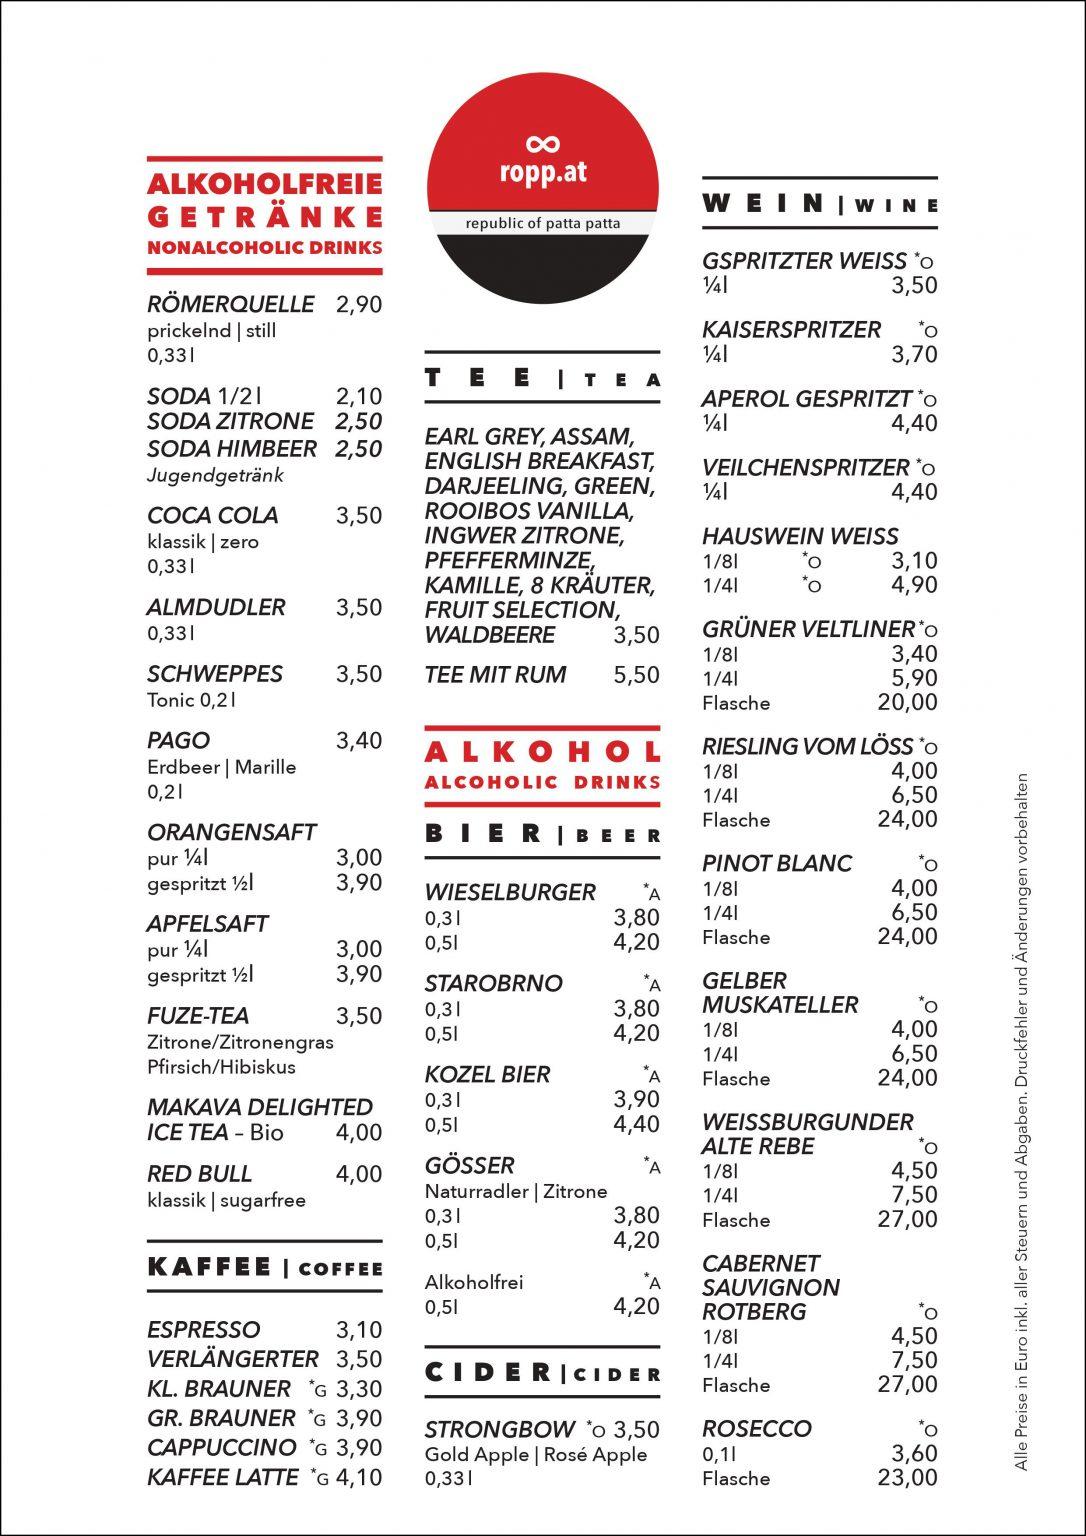 Speisekarte: Getränke | drinks